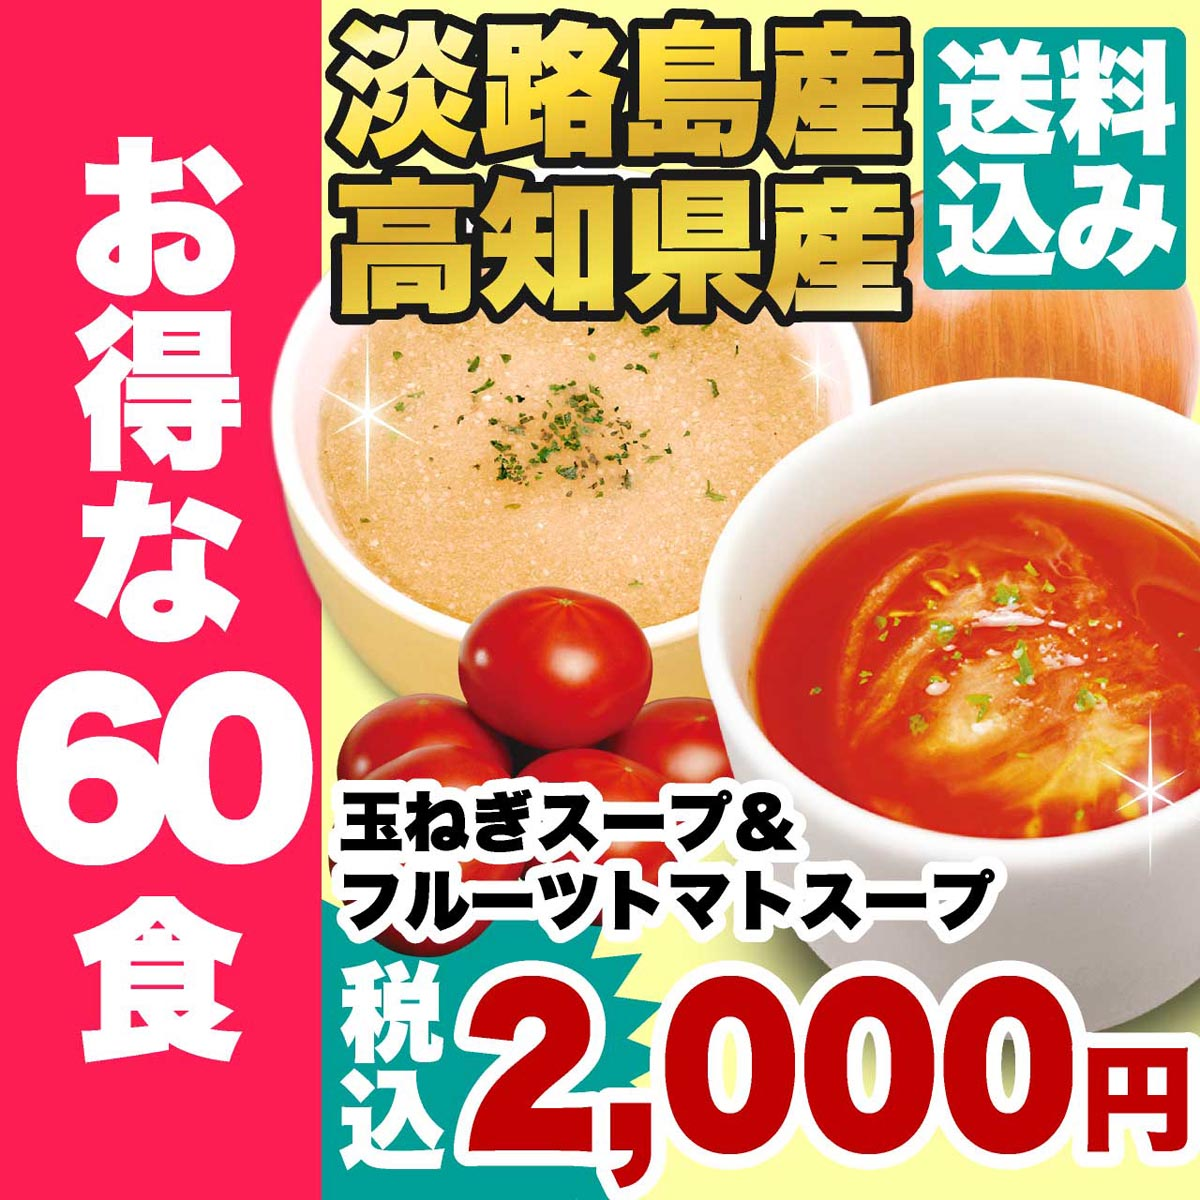 玉ねぎスープとフルーツトマト入りスープ